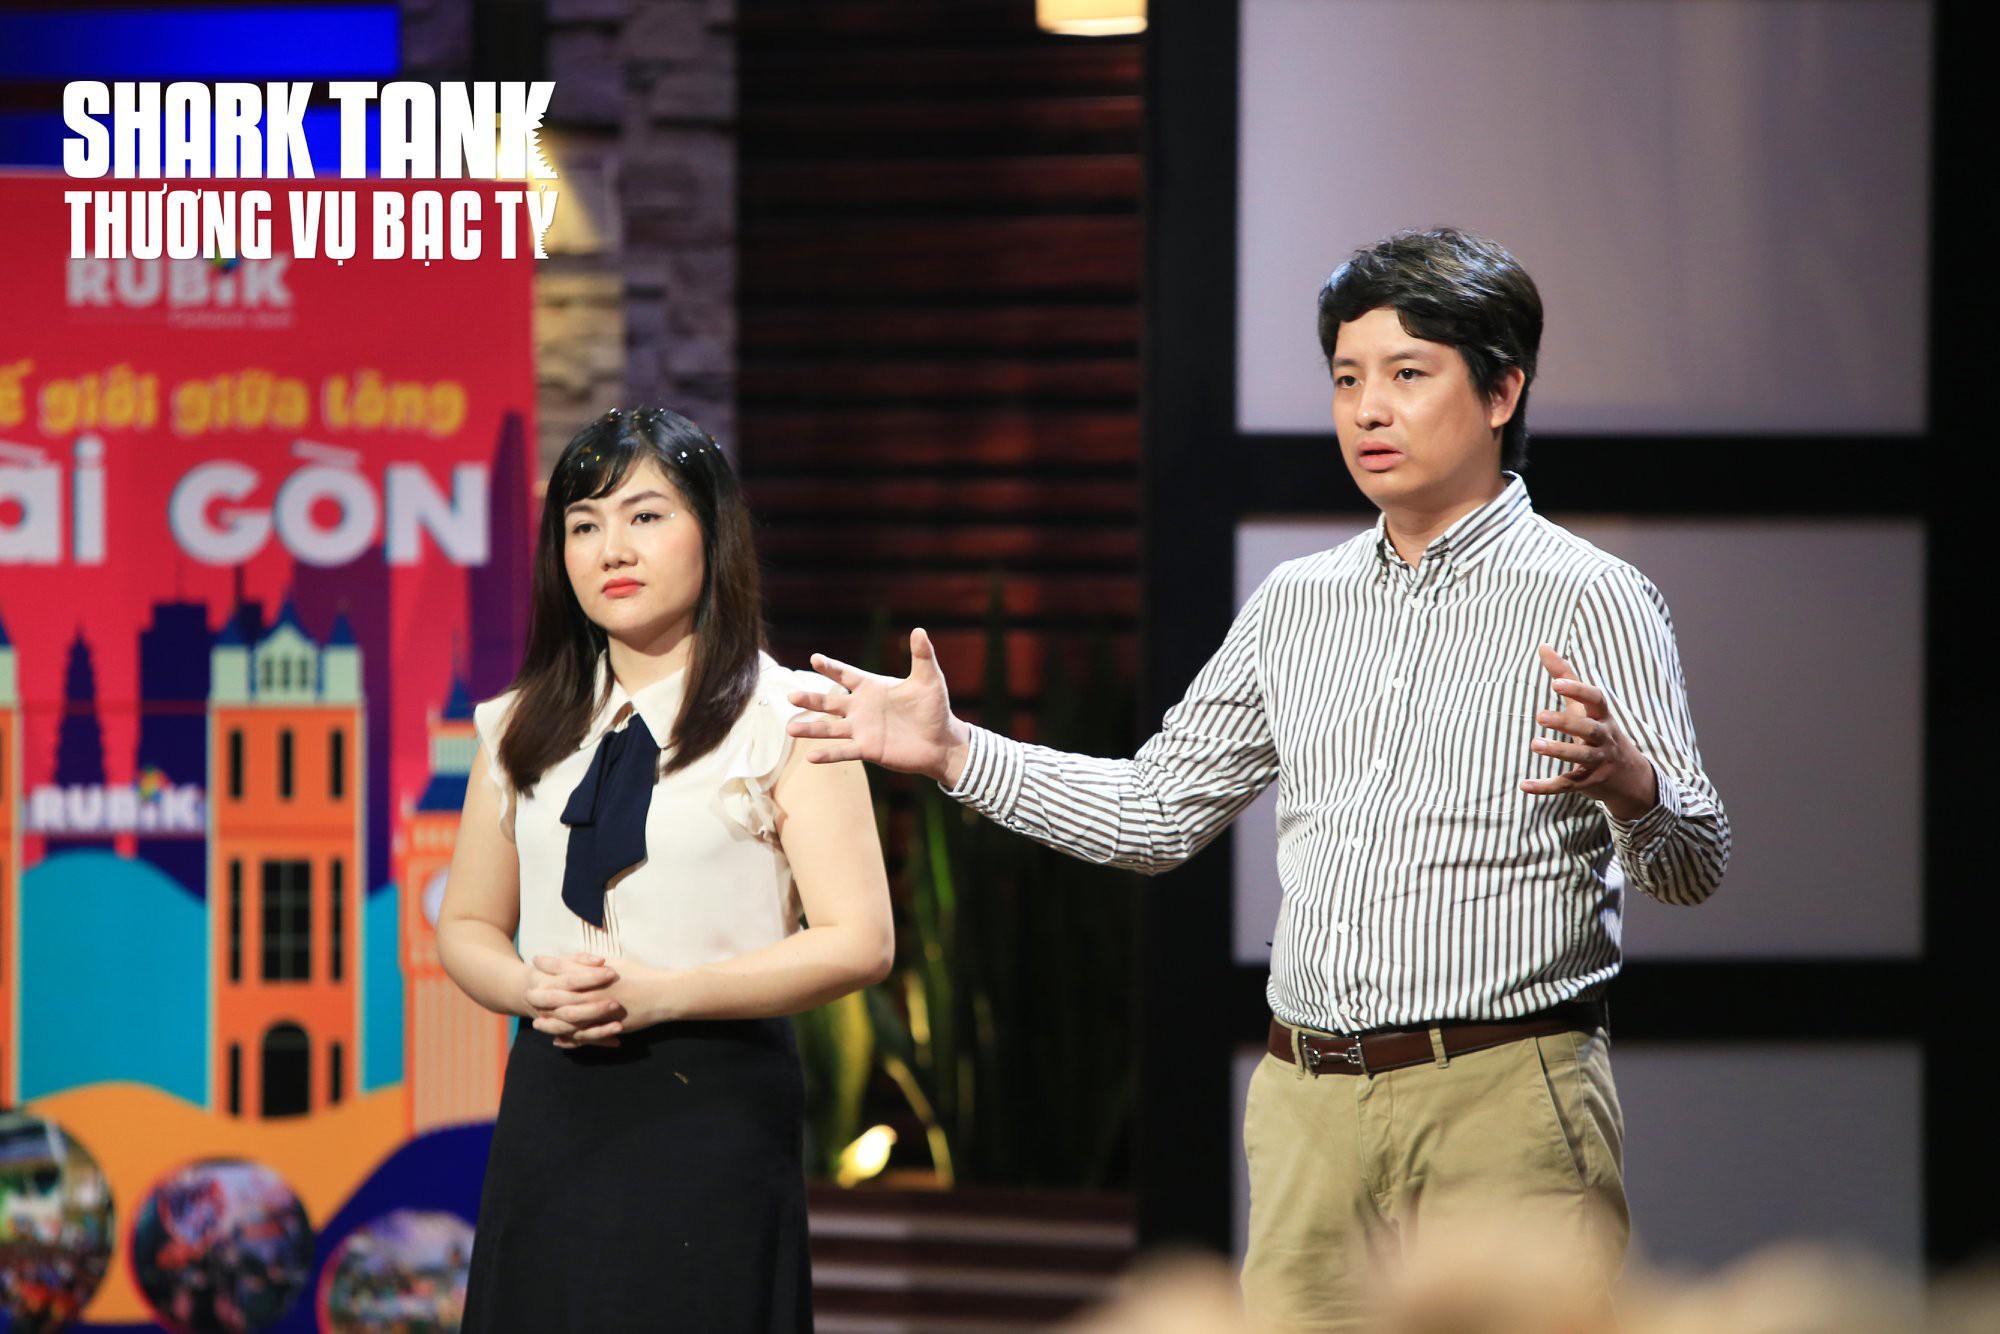 Lên Shark Tank Việt Nam gọi vốn 10 tỉ, startup nhận kết 'đắng' vì định giá không tưởng - Ảnh 2.